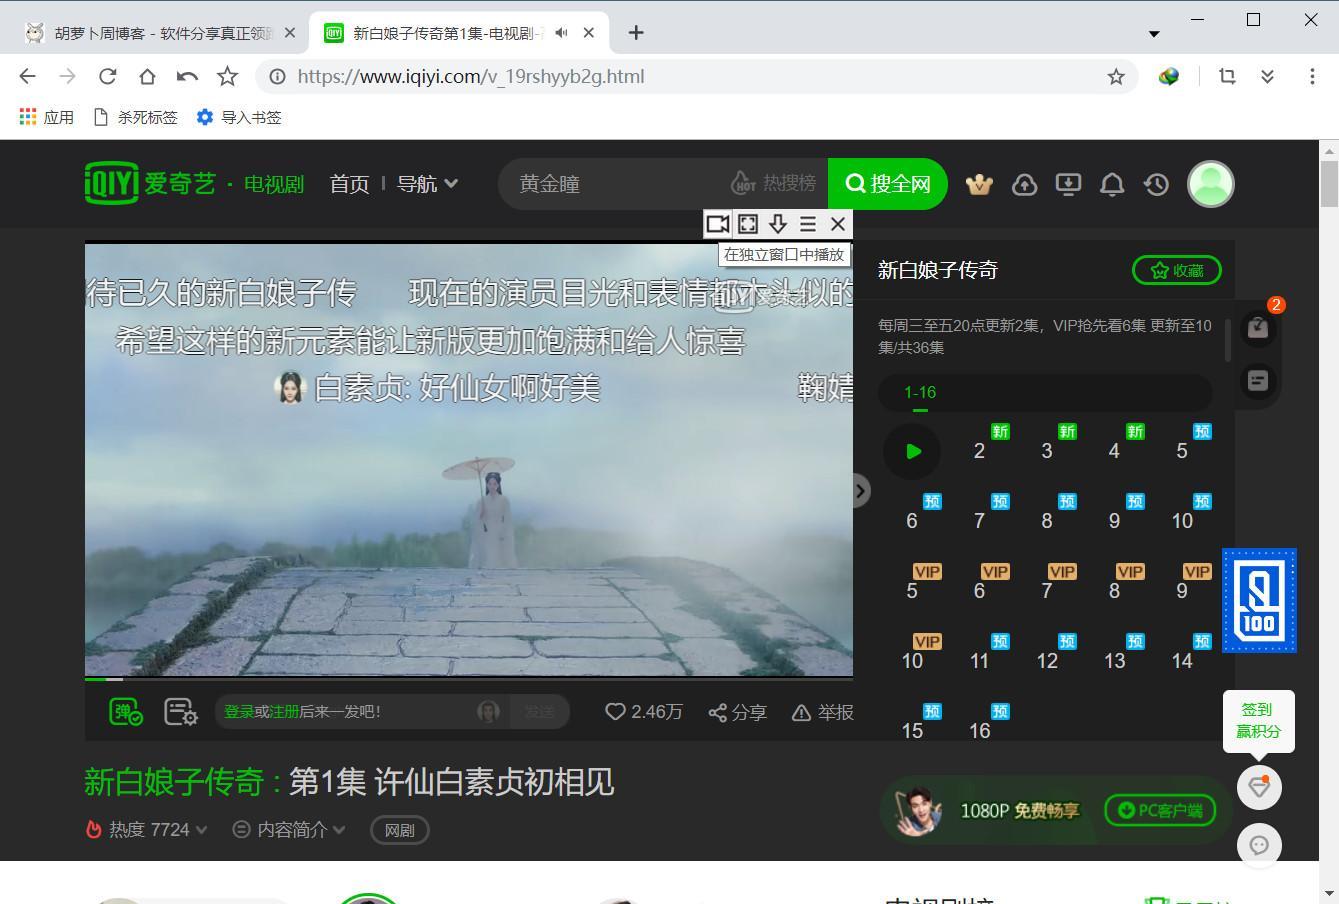 百分浏览器 Cent Browser v3.9.2.45下载